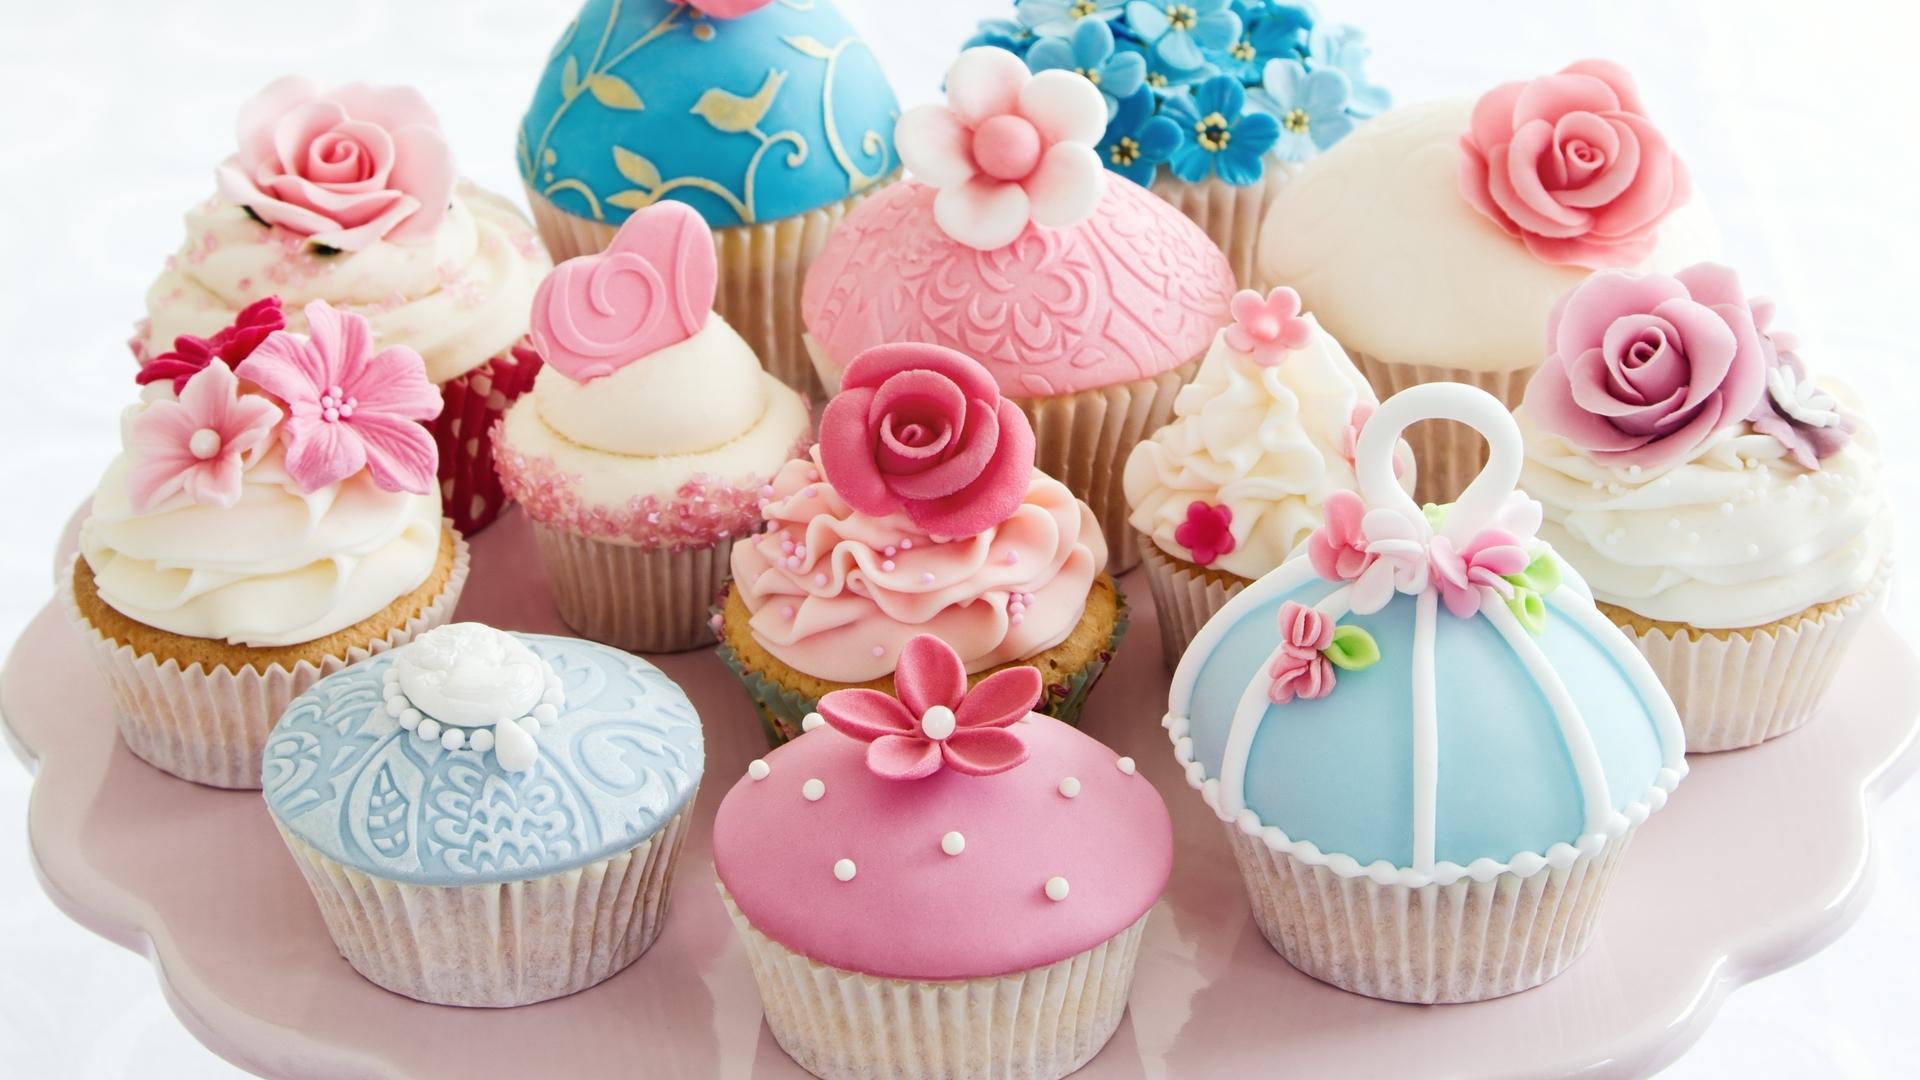 Cute Cupcakes, Bisnis Cupcake Yang janjikan Omzet Menjanjikan